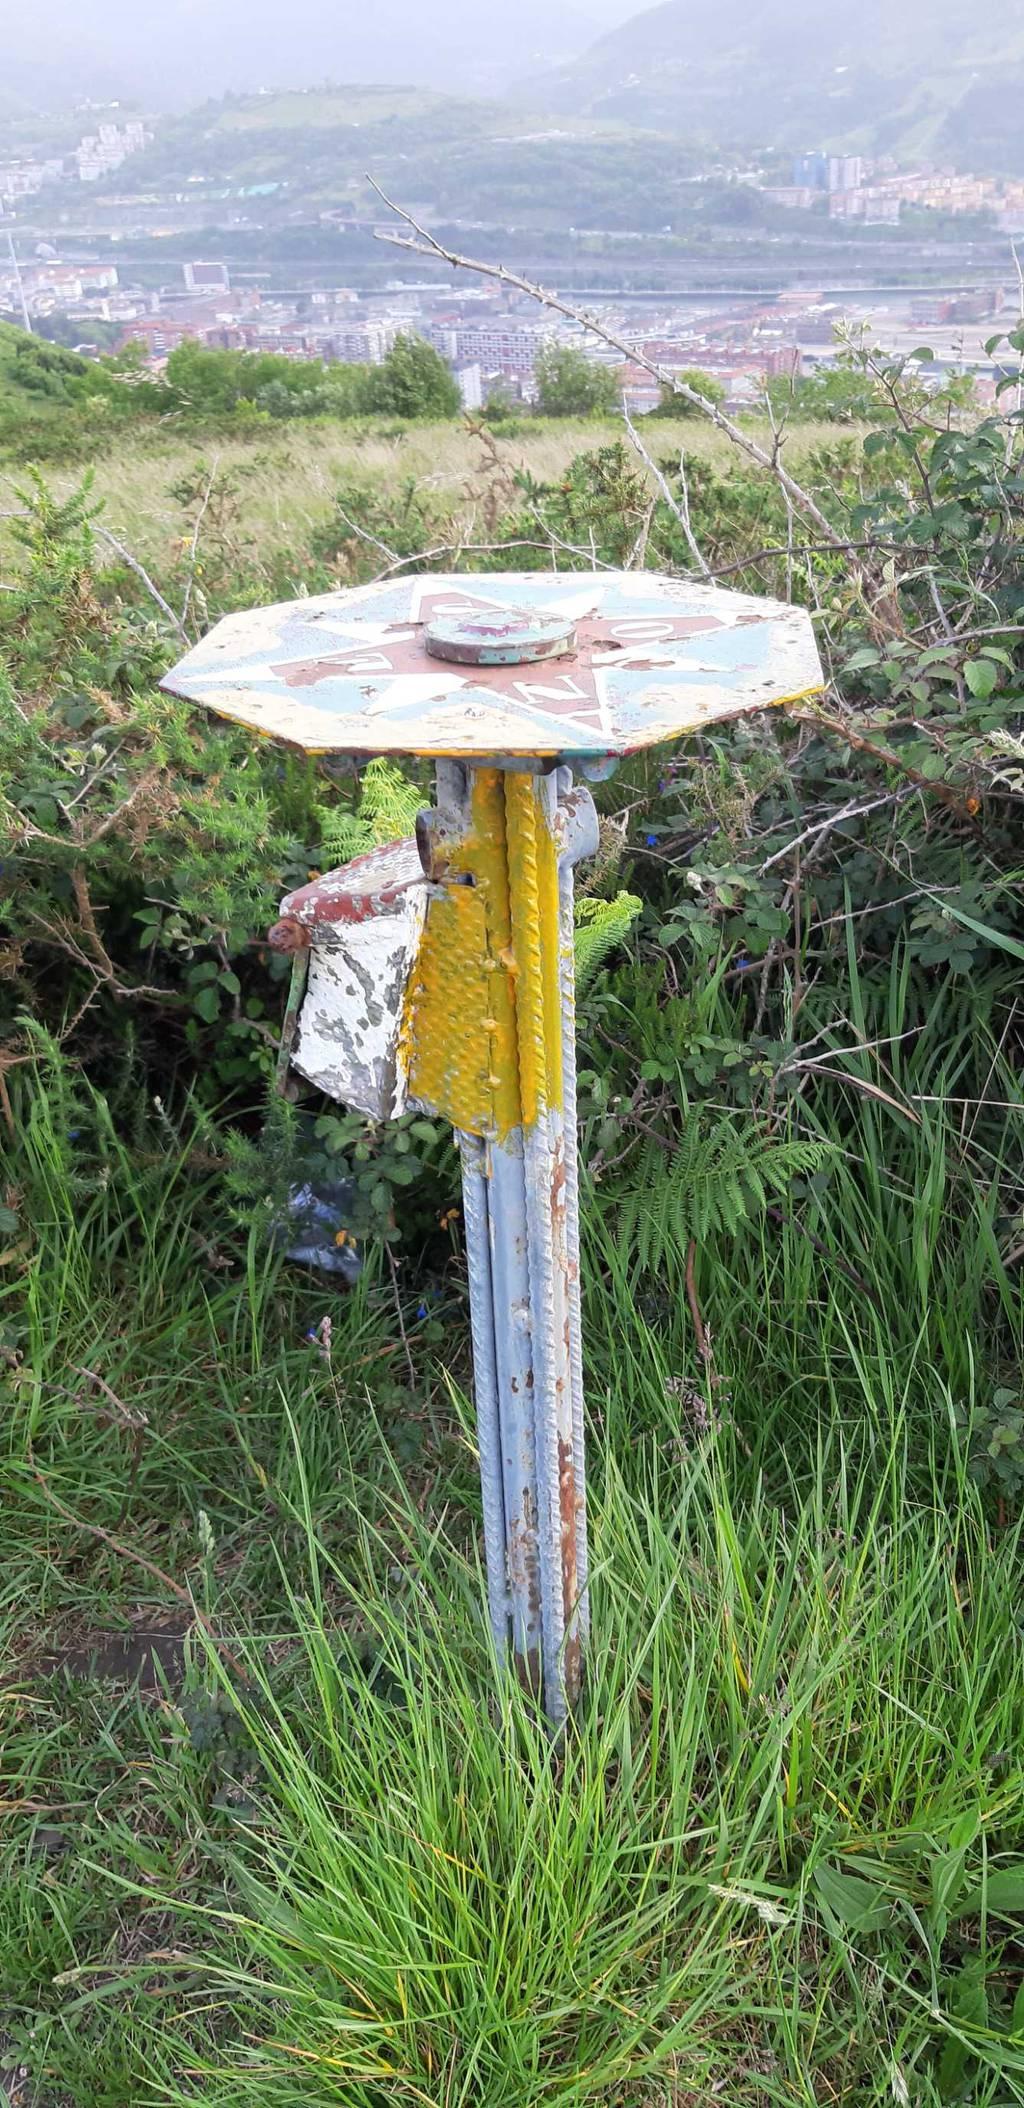 Irrintzi L erabiltzailea San Bernabe puntan, 2021-05-24 19:41